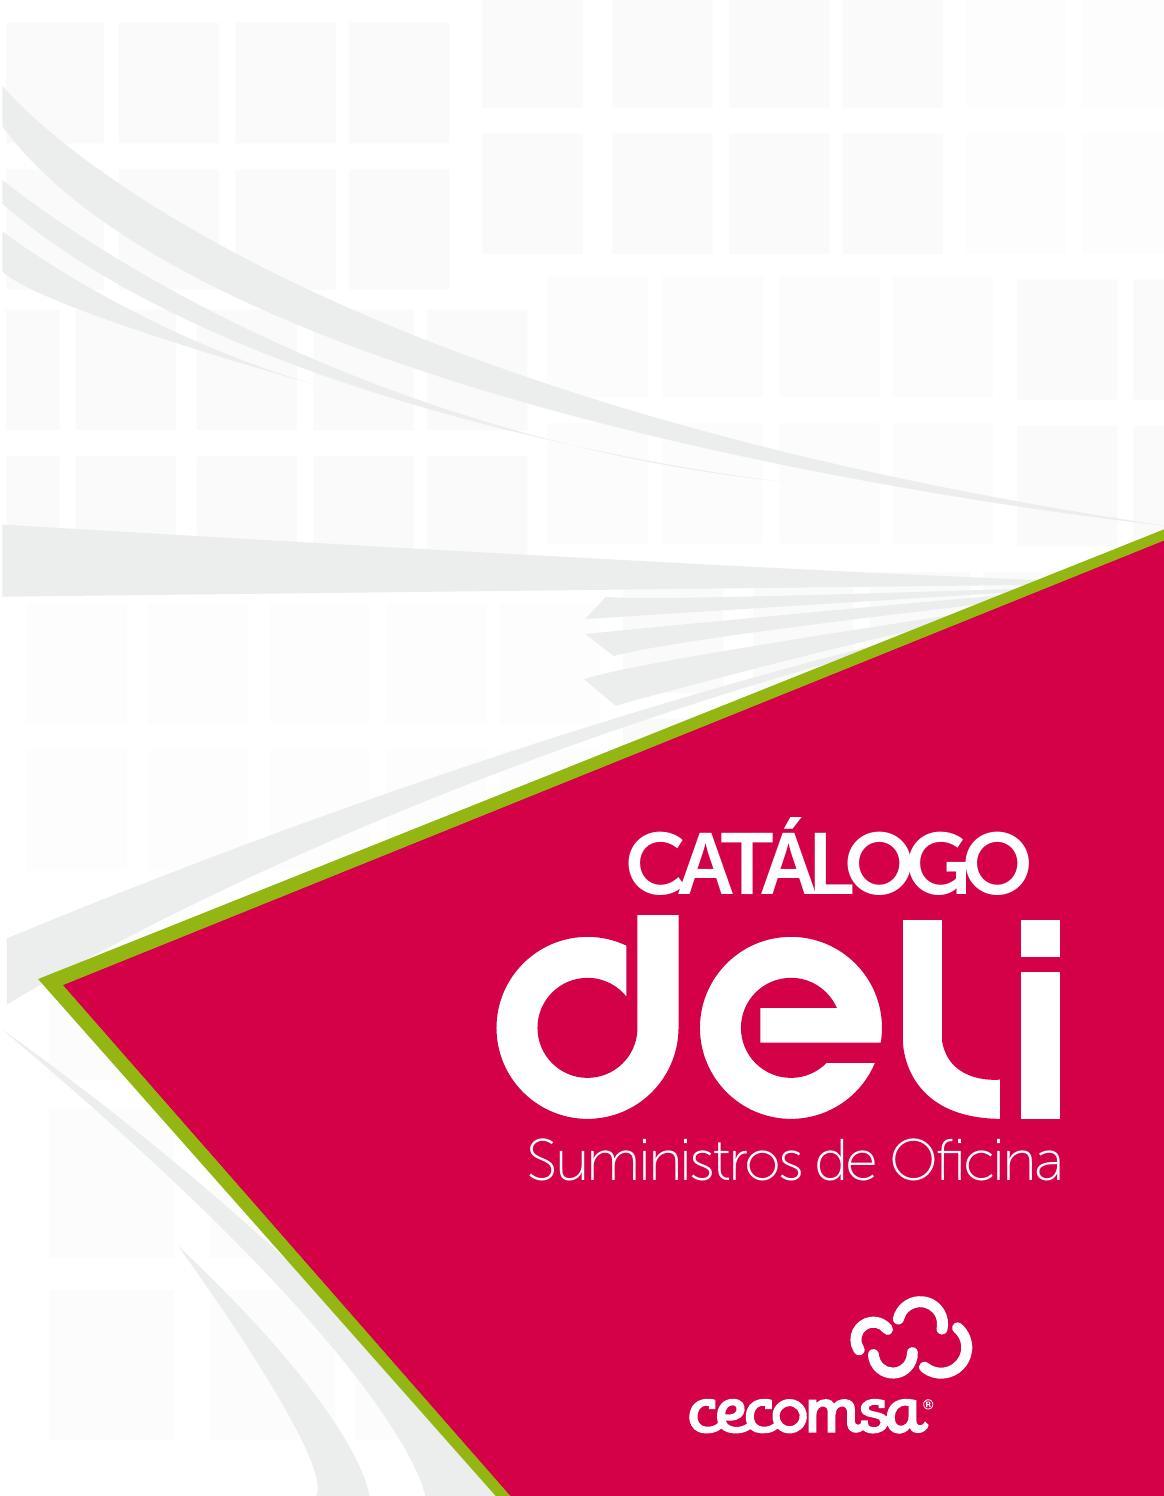 Cat logo suministro de oficina deli by cecomsa si lo for Suministros oficina